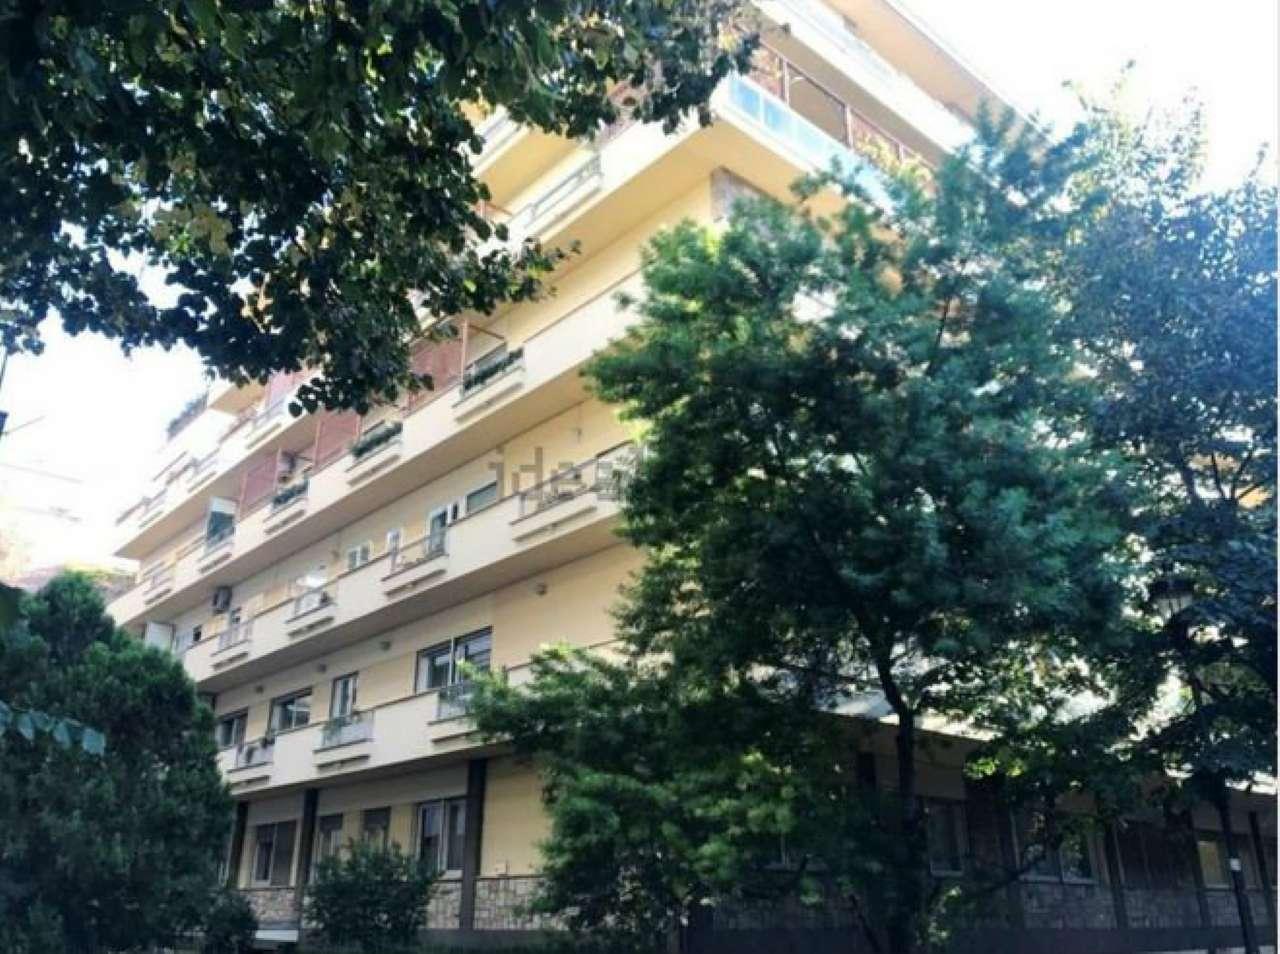 Appartamento in vendita a Roma, 2 locali, zona Zona: 2 . Flaminio, Parioli, Pinciano, Villa Borghese, prezzo € 295.000 | CambioCasa.it